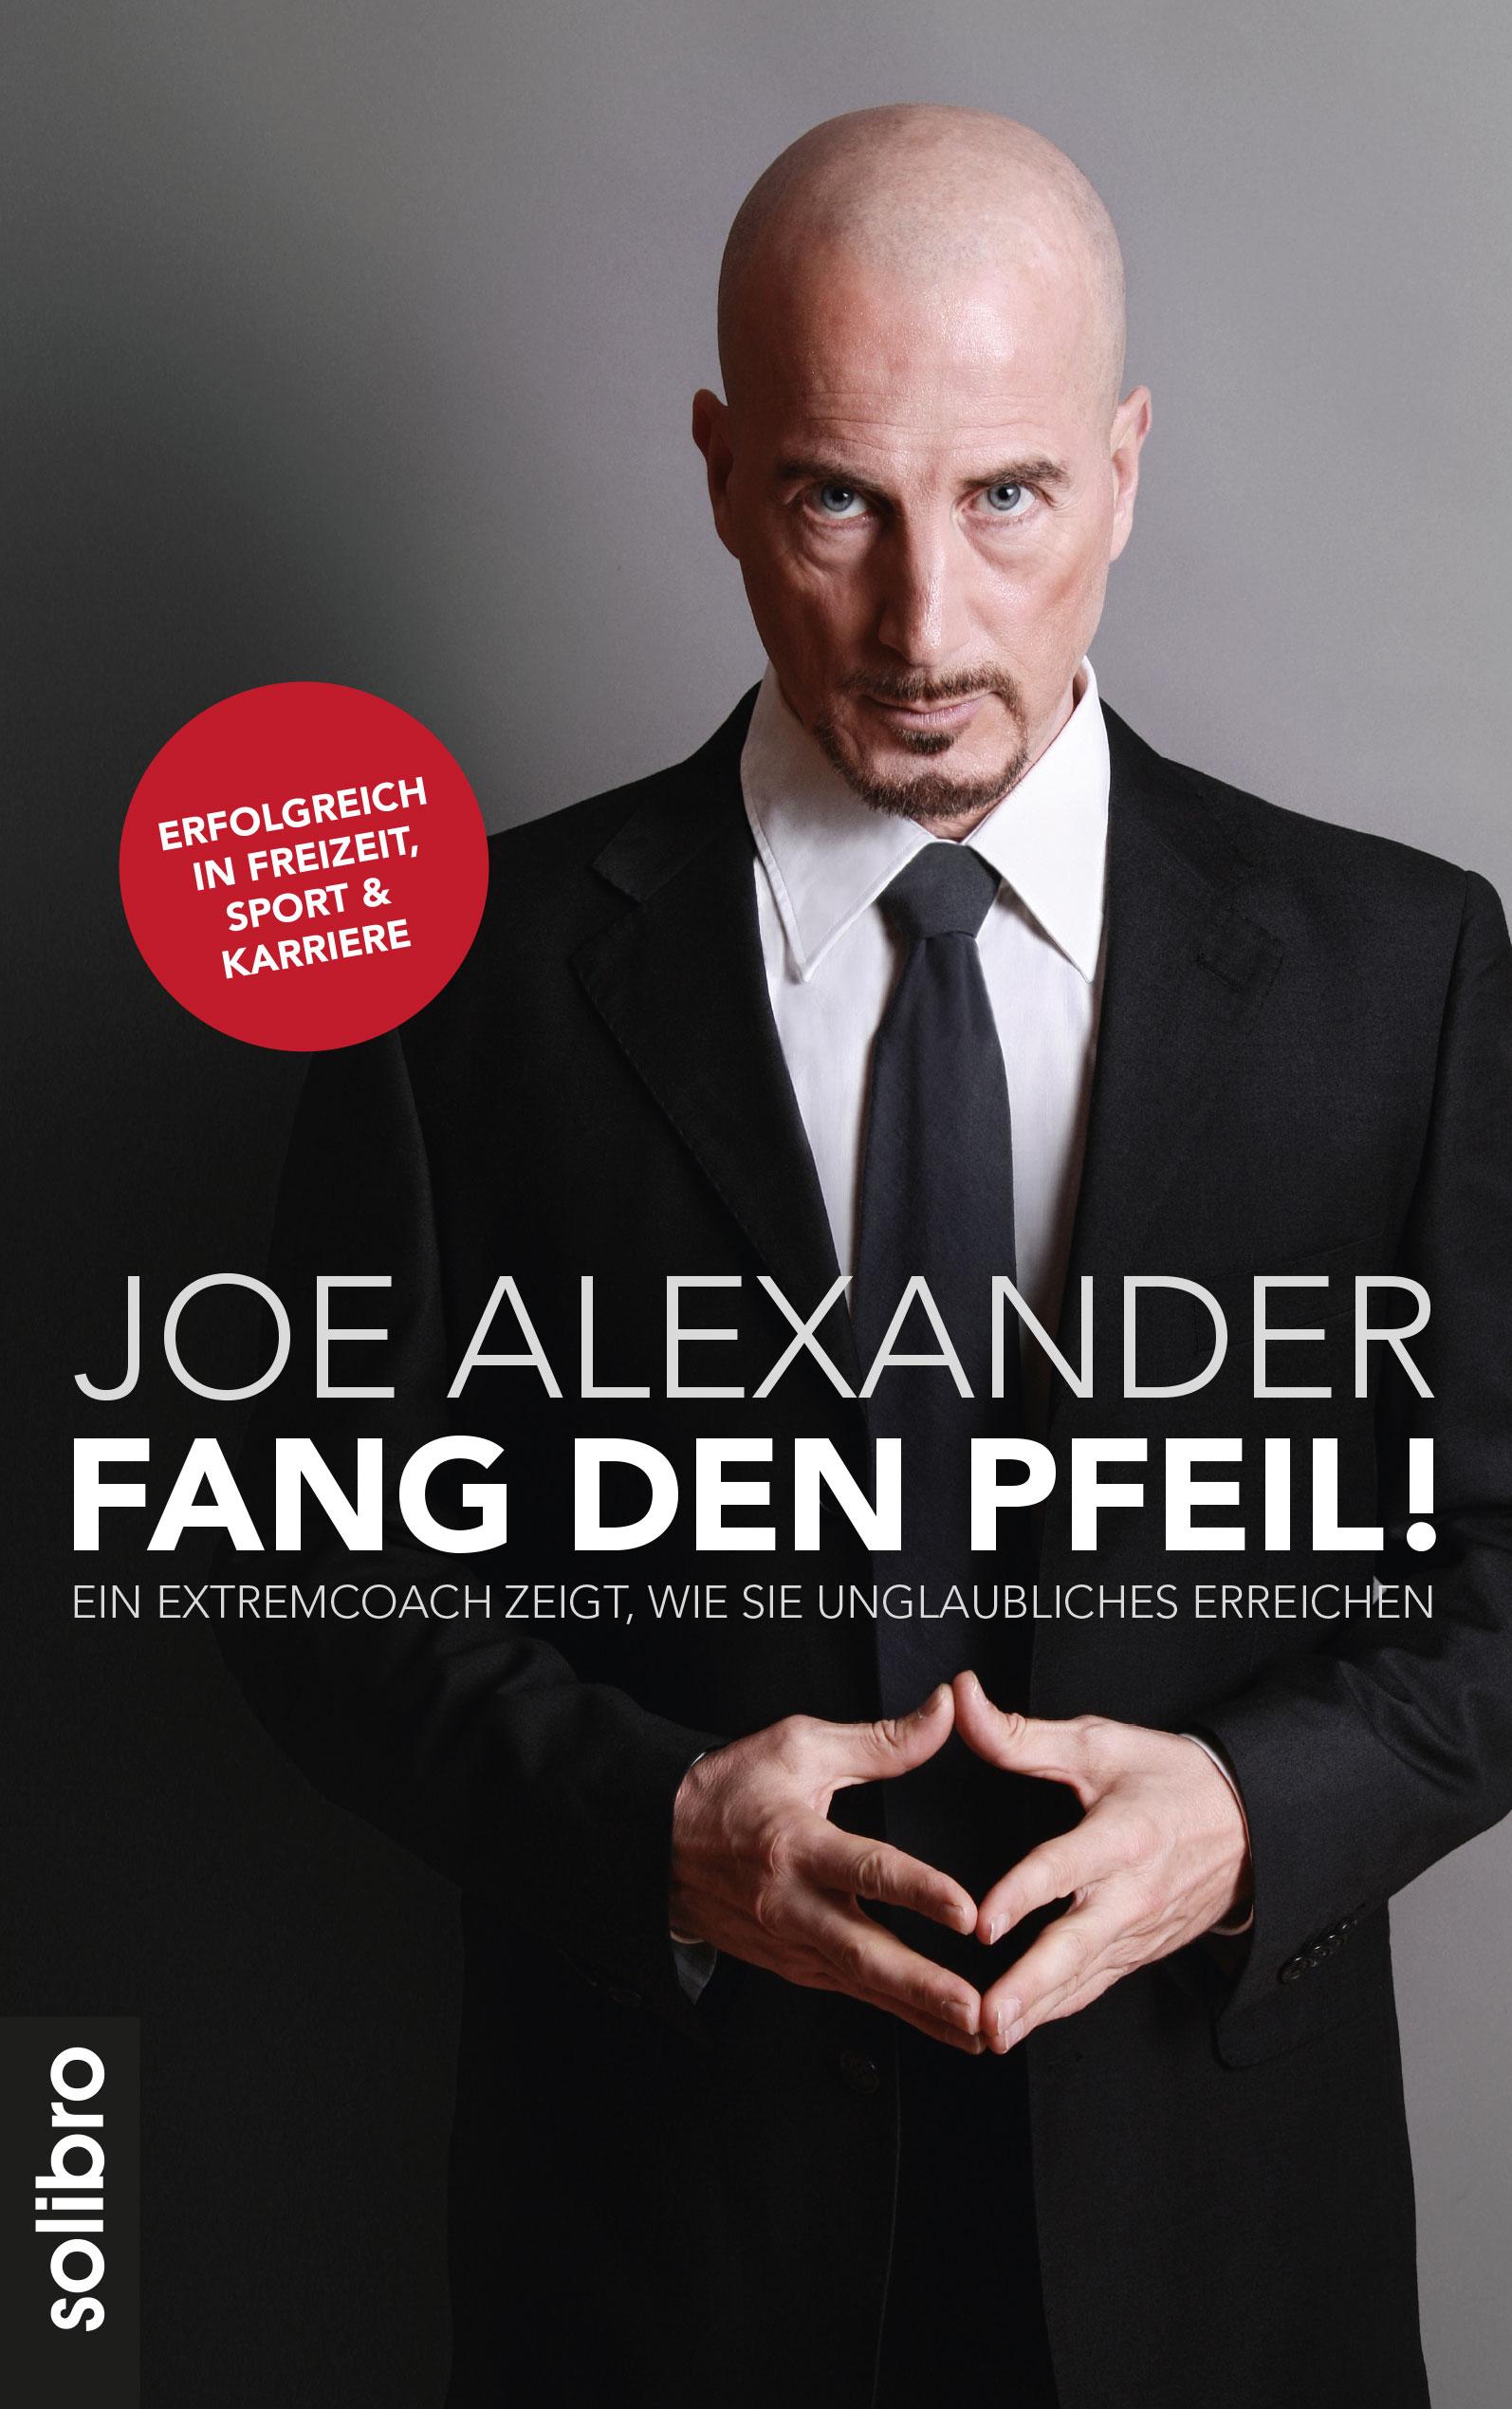 Joe Alexander Fang den Pfeil! alexander p m van den bosch shakira